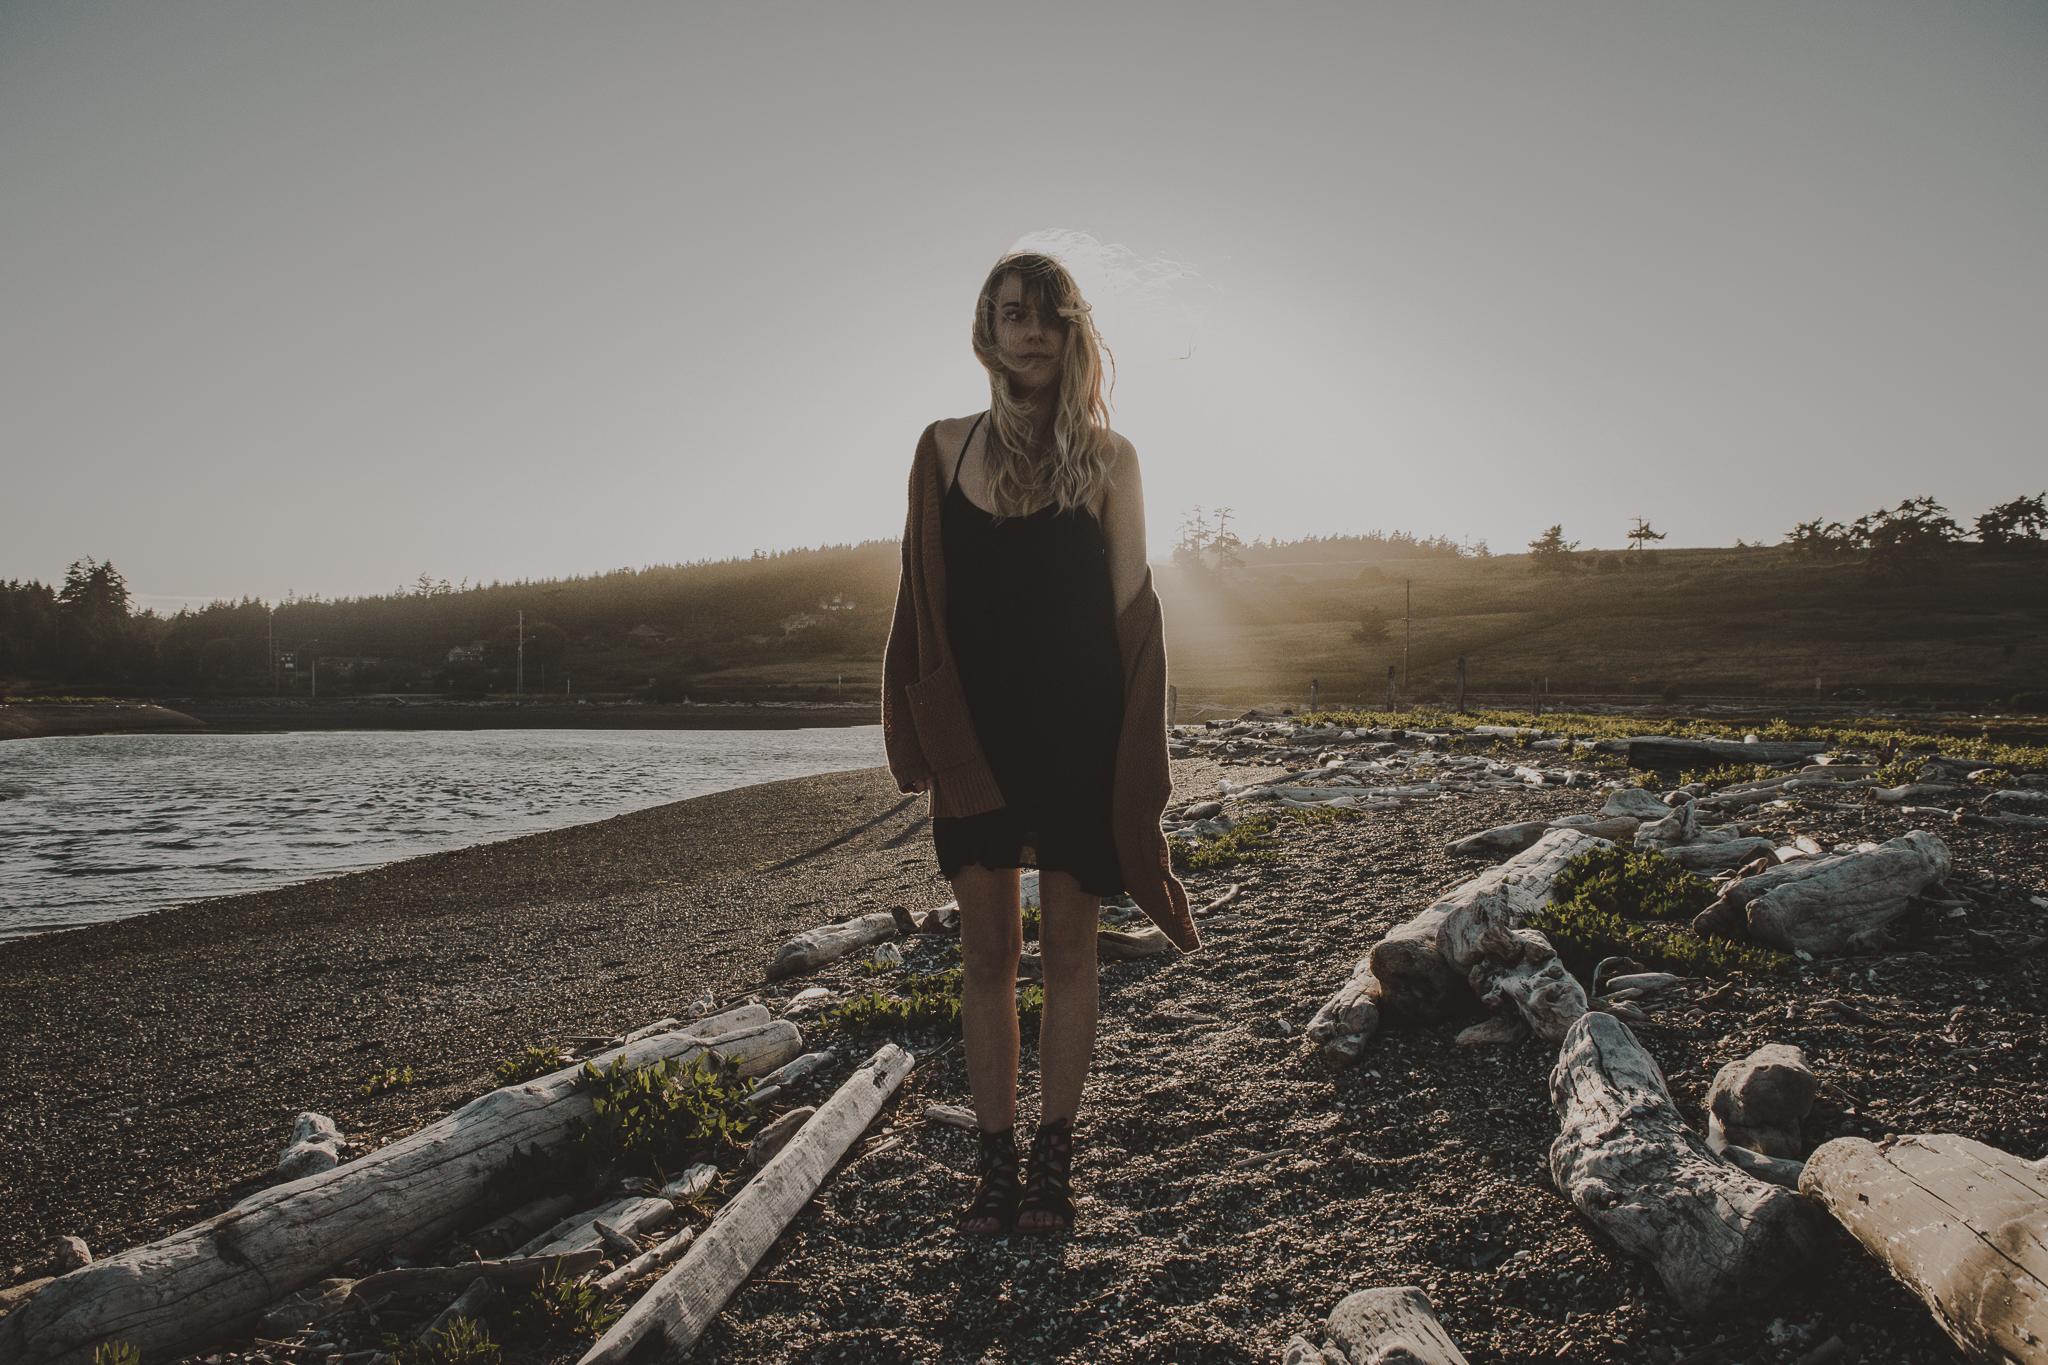 Photographer: Danielle Shull